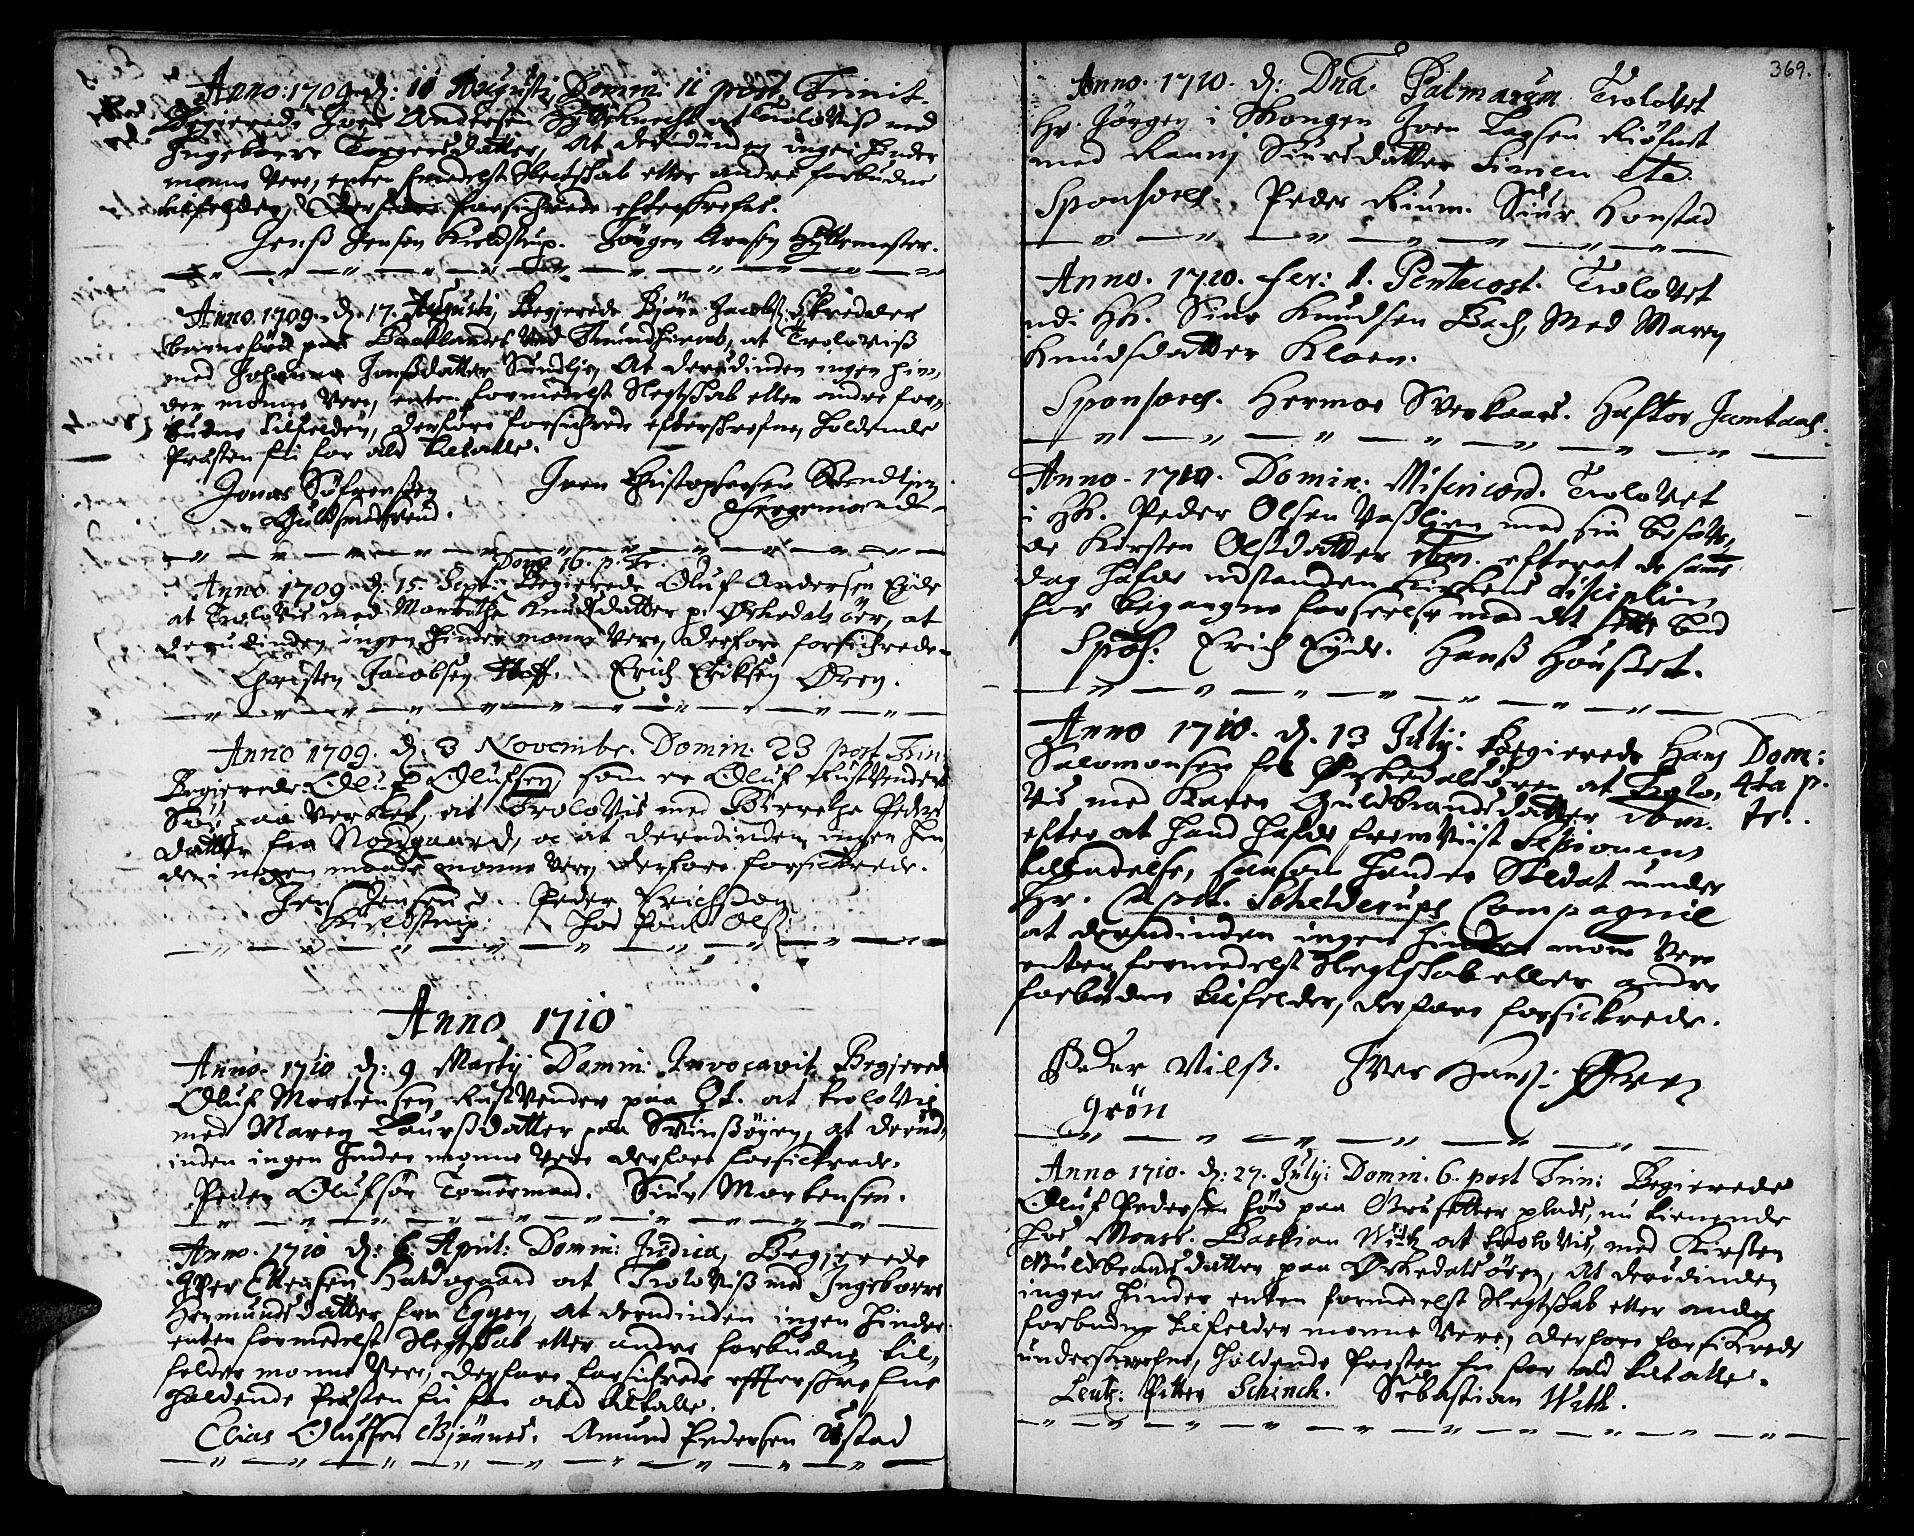 SAT, Ministerialprotokoller, klokkerbøker og fødselsregistre - Sør-Trøndelag, 668/L0801: Ministerialbok nr. 668A01, 1695-1716, s. 368-369